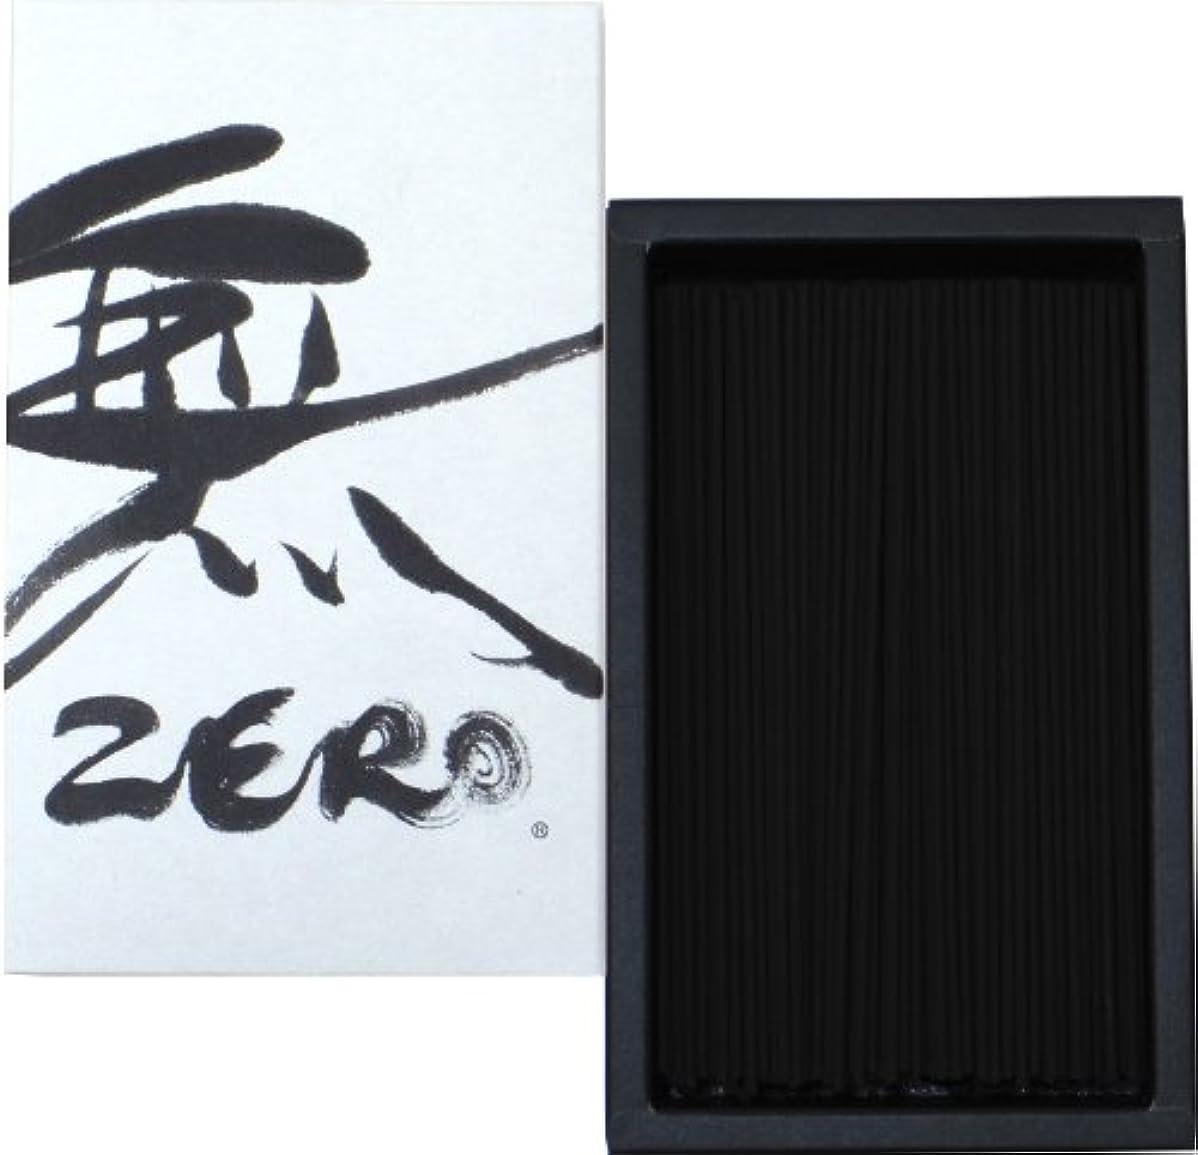 ホースボットシャワー丸叶むらたのお線香 無 ZERO(ゼロ)大バラ 約160g #ZR-01